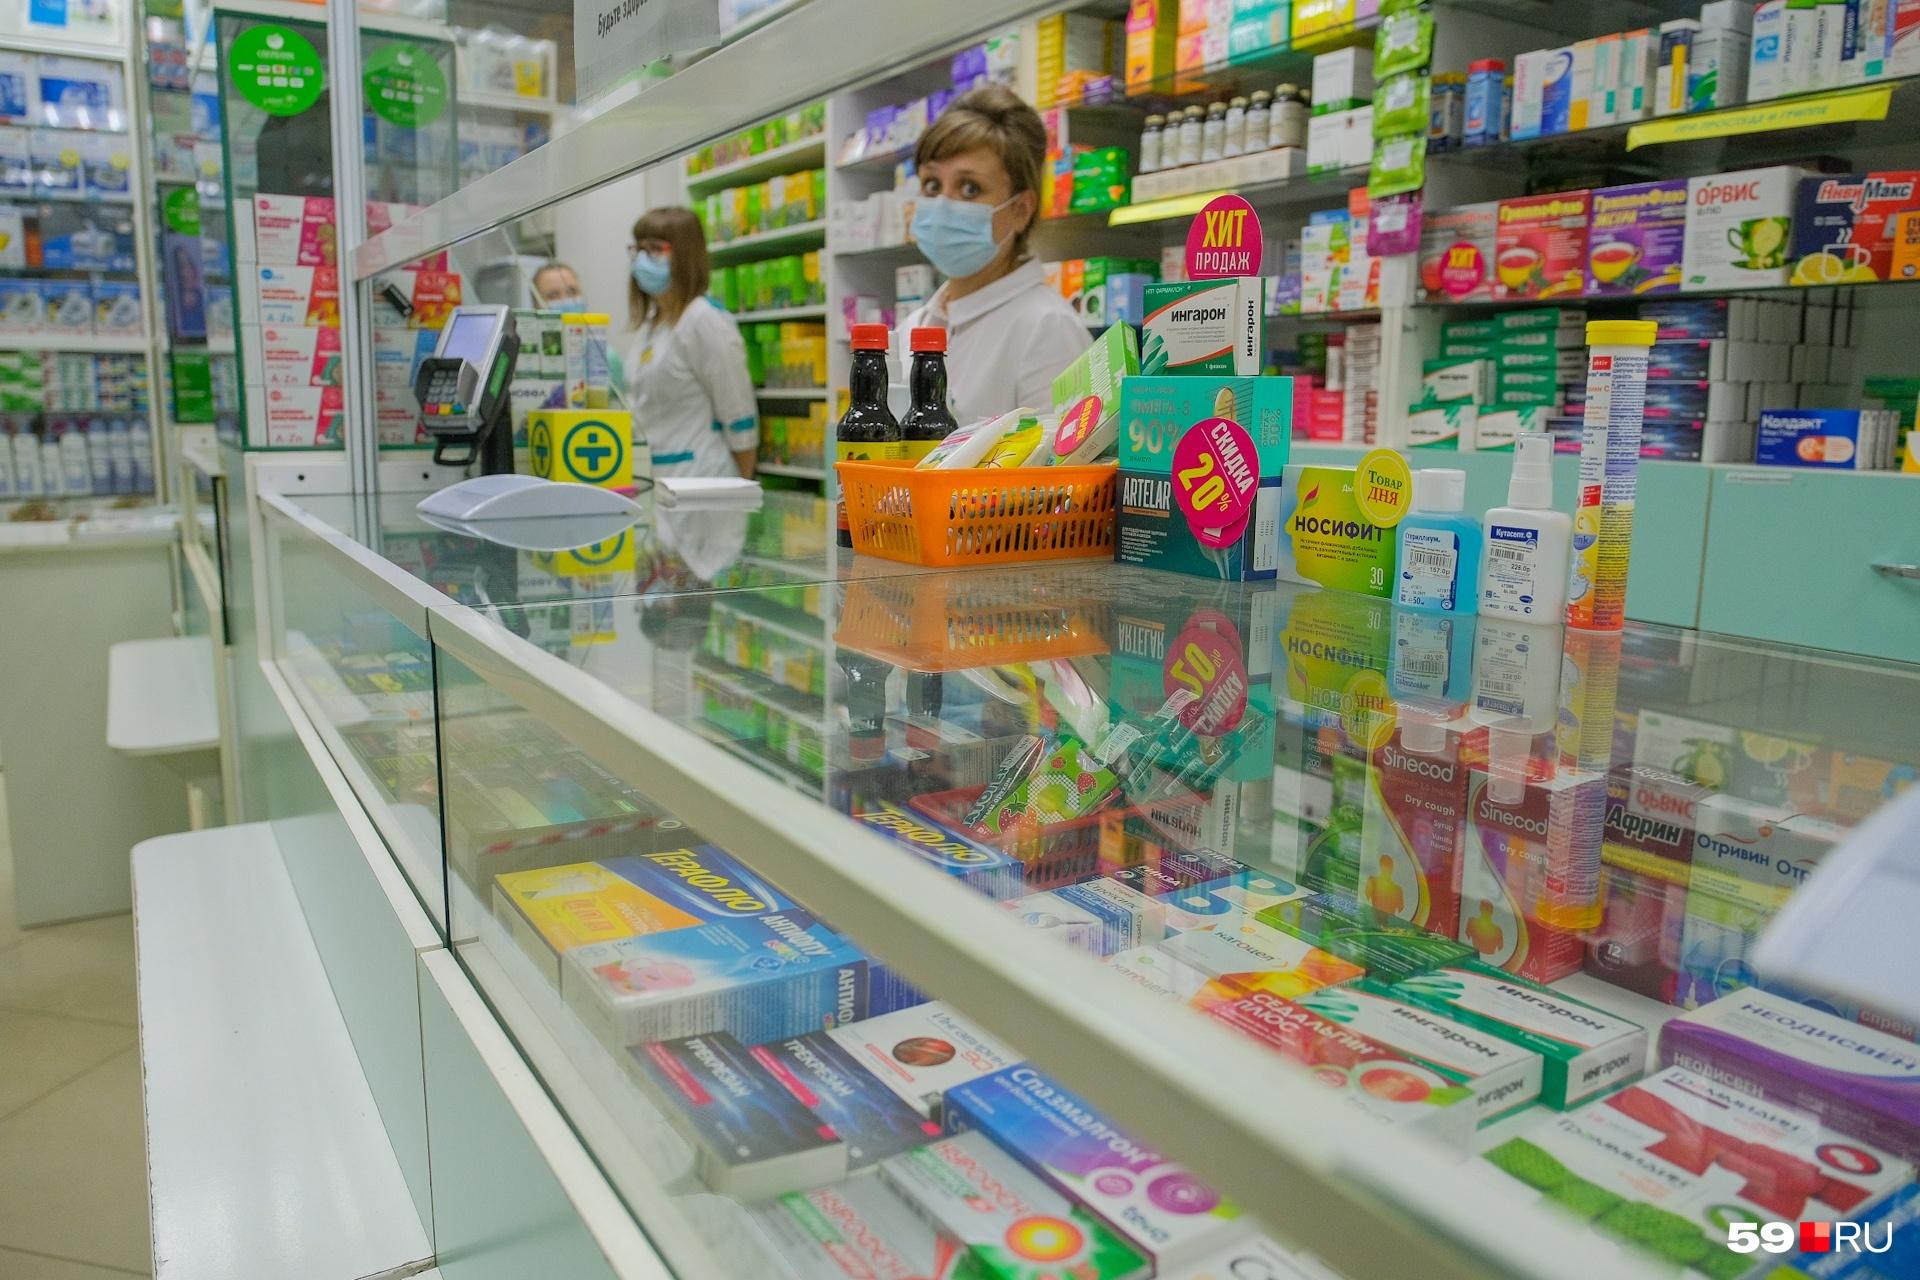 Повышение цен на антибиотики и противовирусные в большинстве случаев не повлияло на высоту спроса